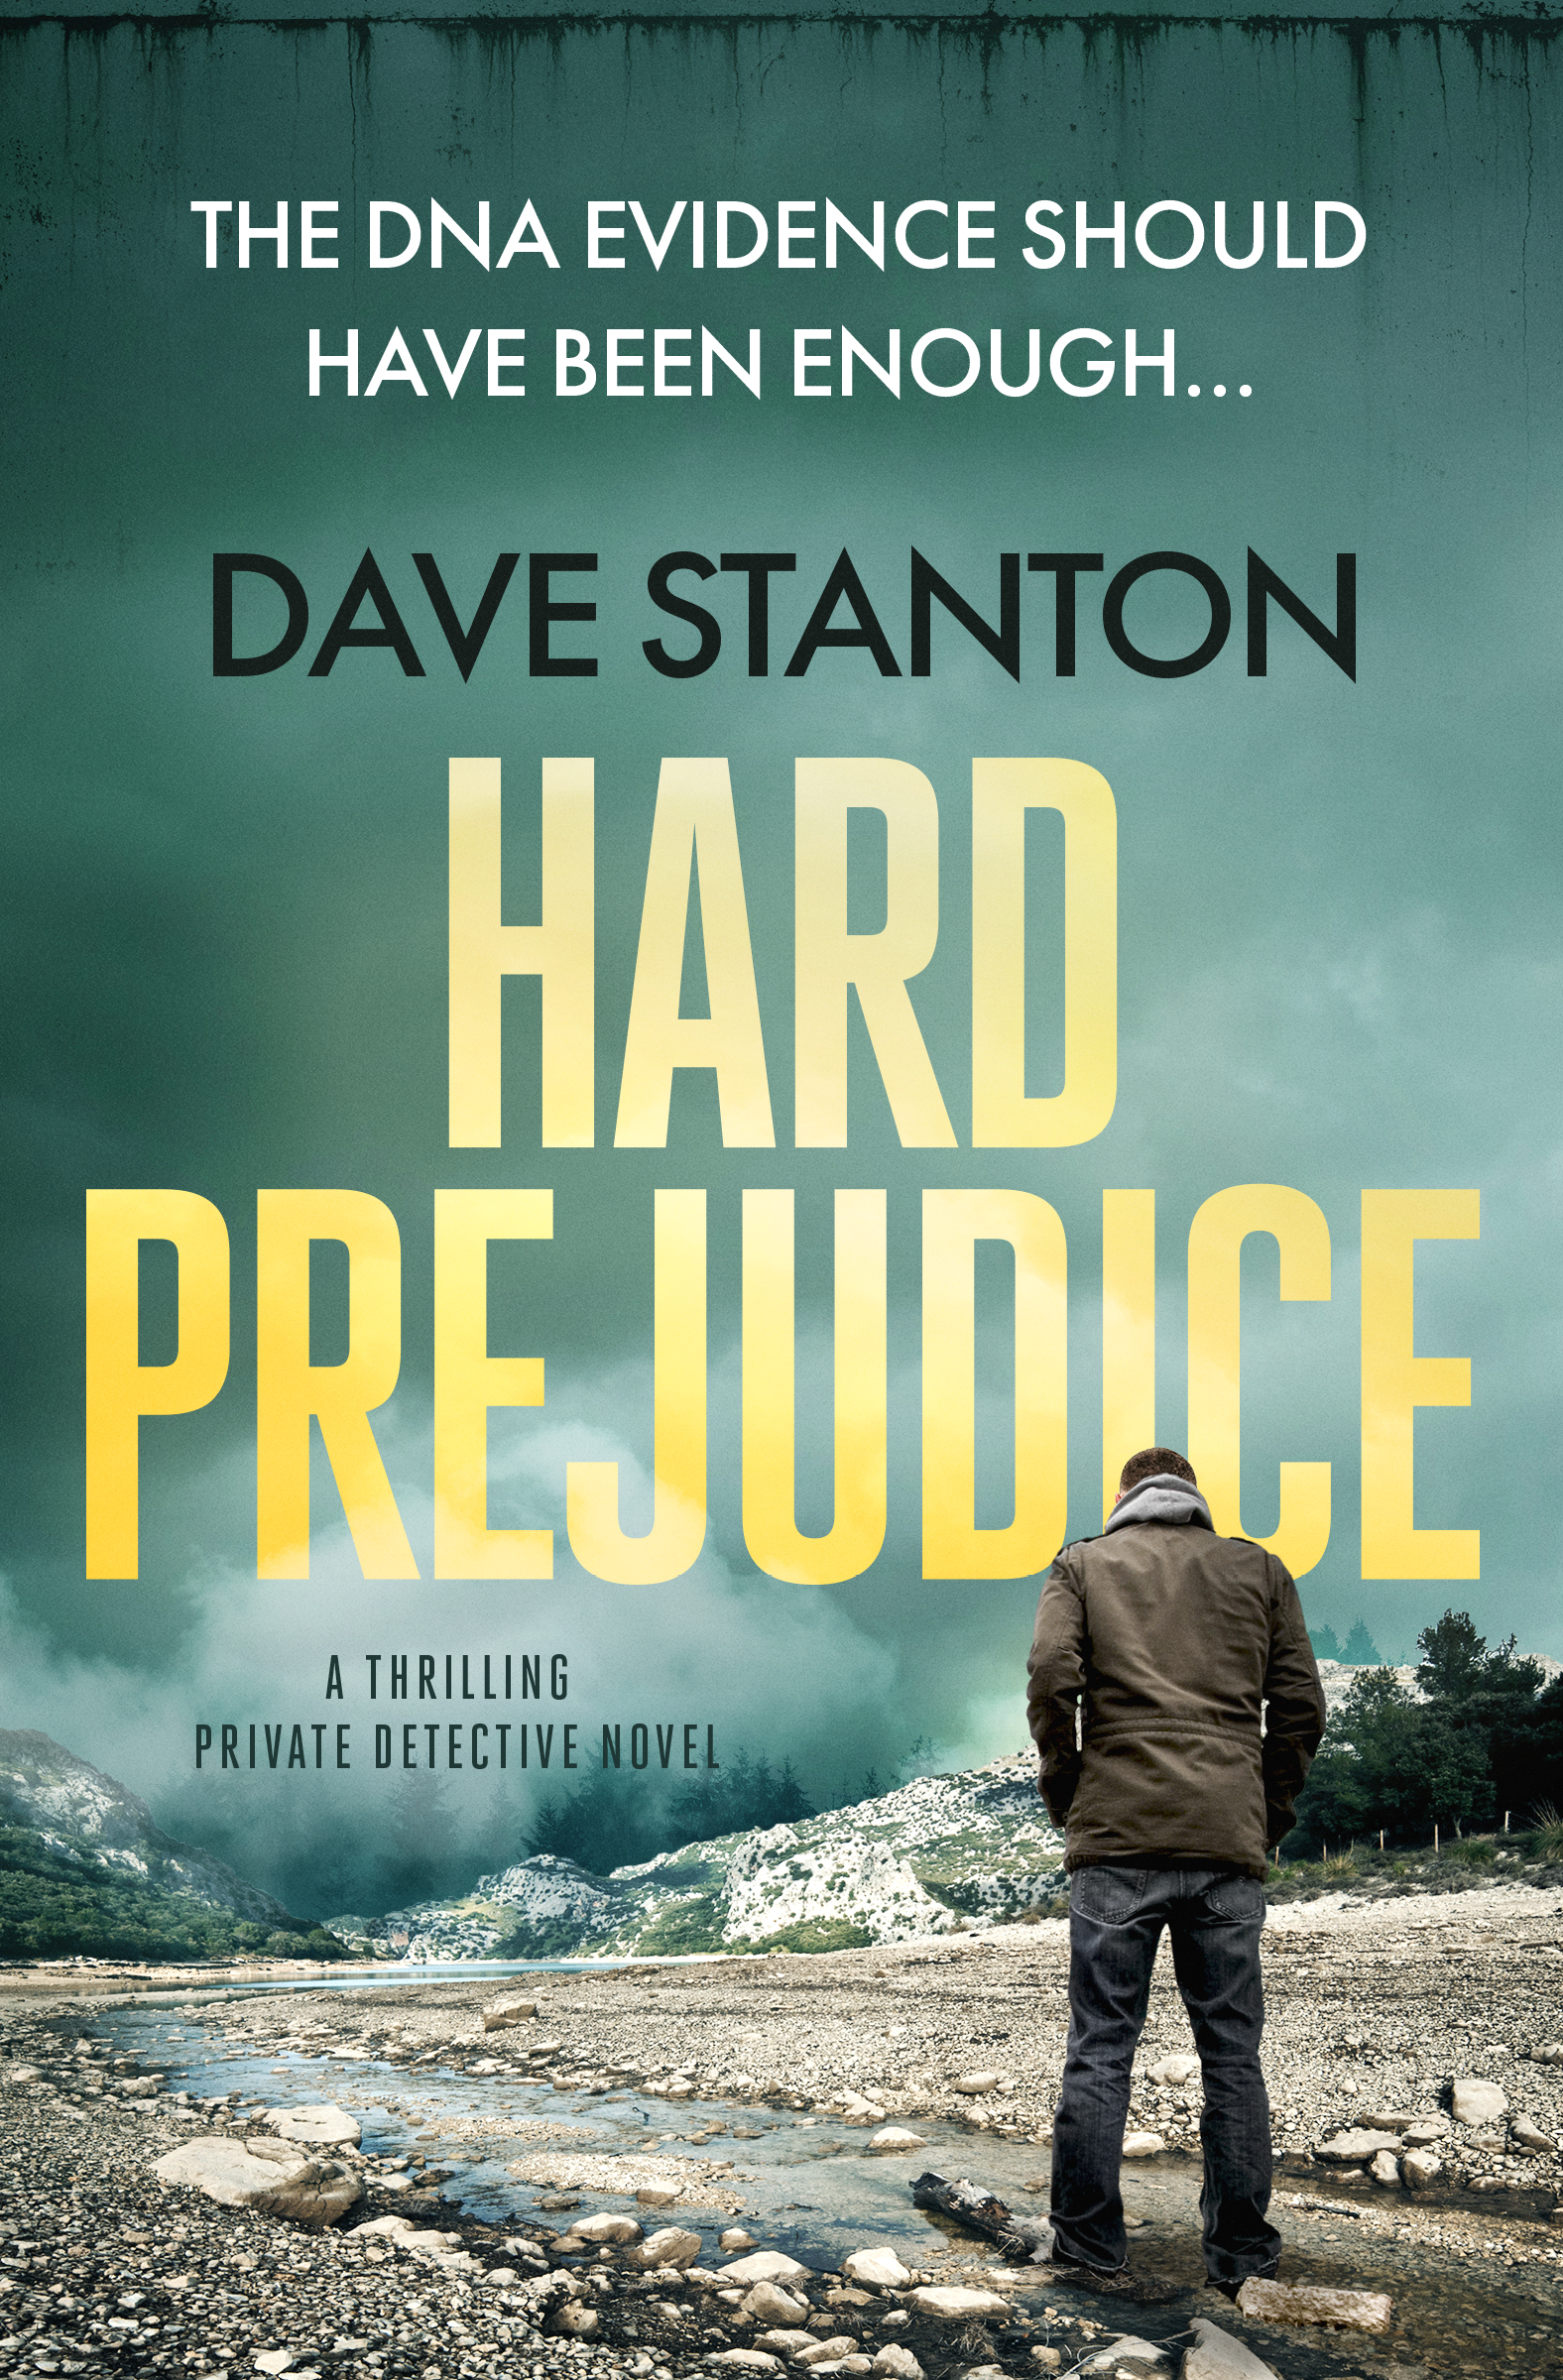 Dave Stanton - Hard Prejudice_cover_high res